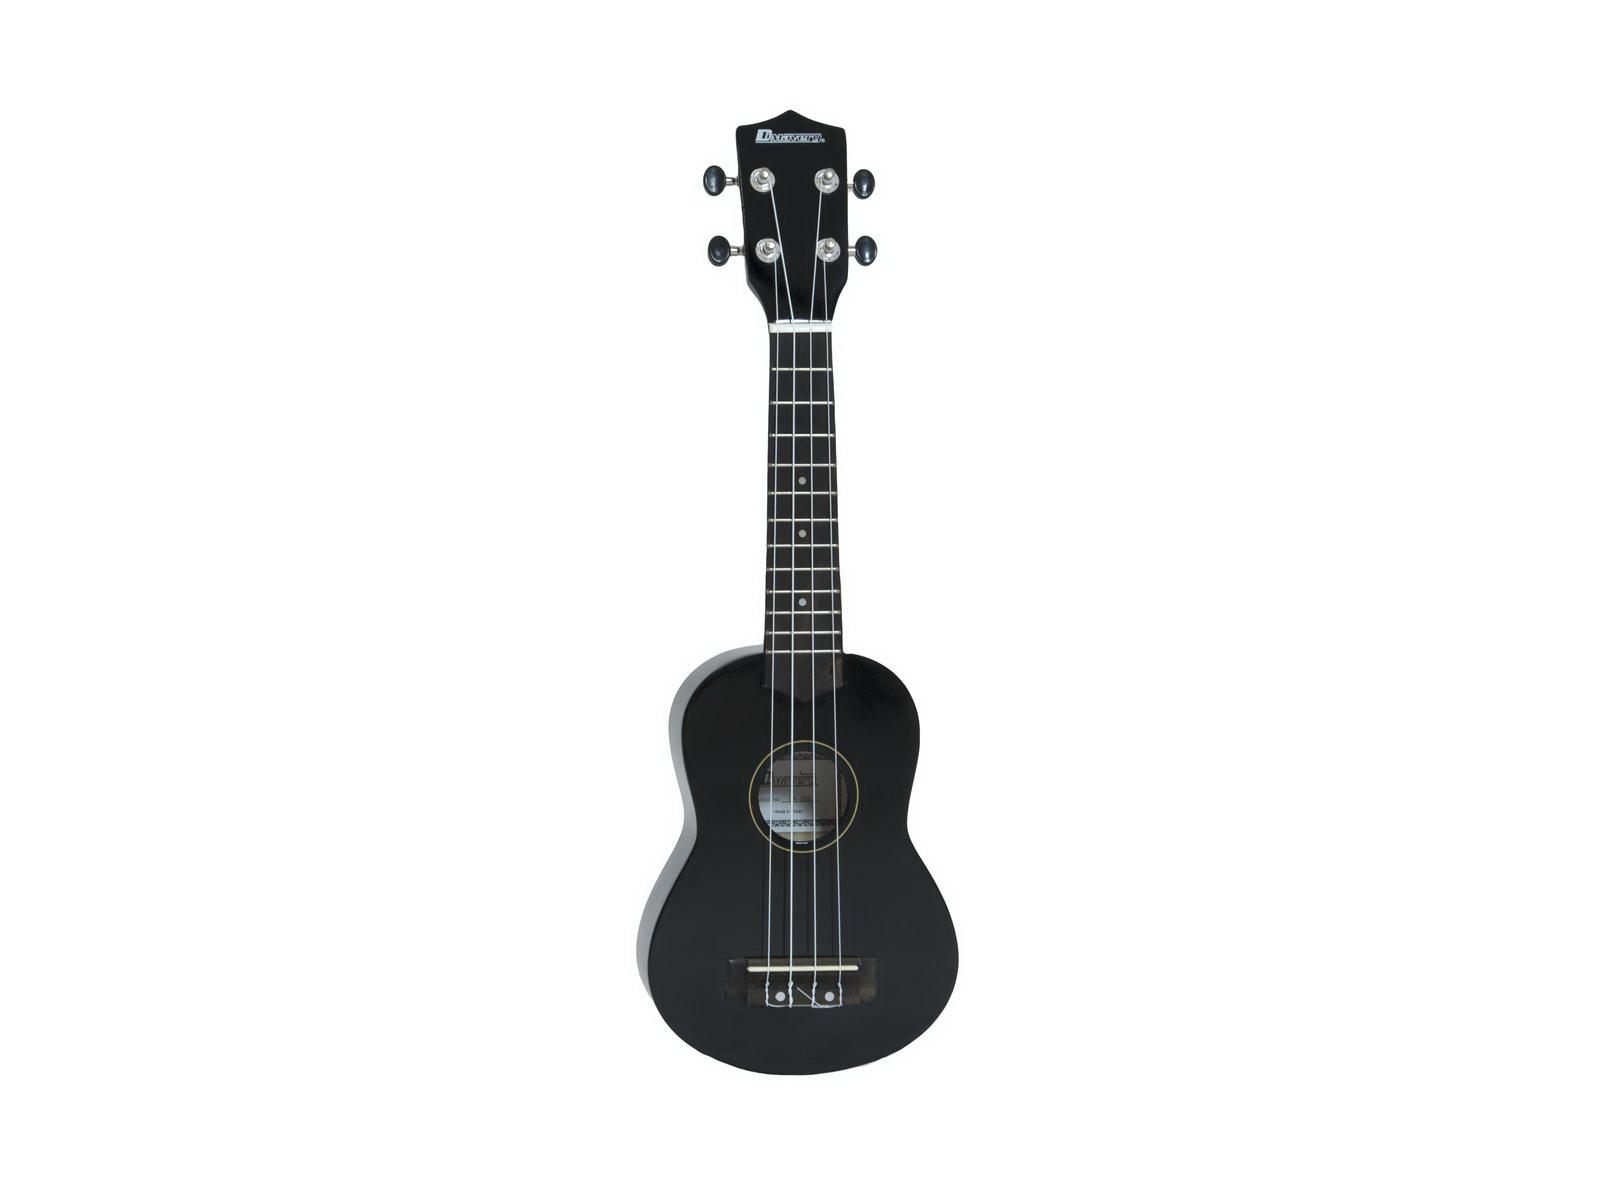 Fotografie Dimavery UK-200 ukulele sopránové, černé